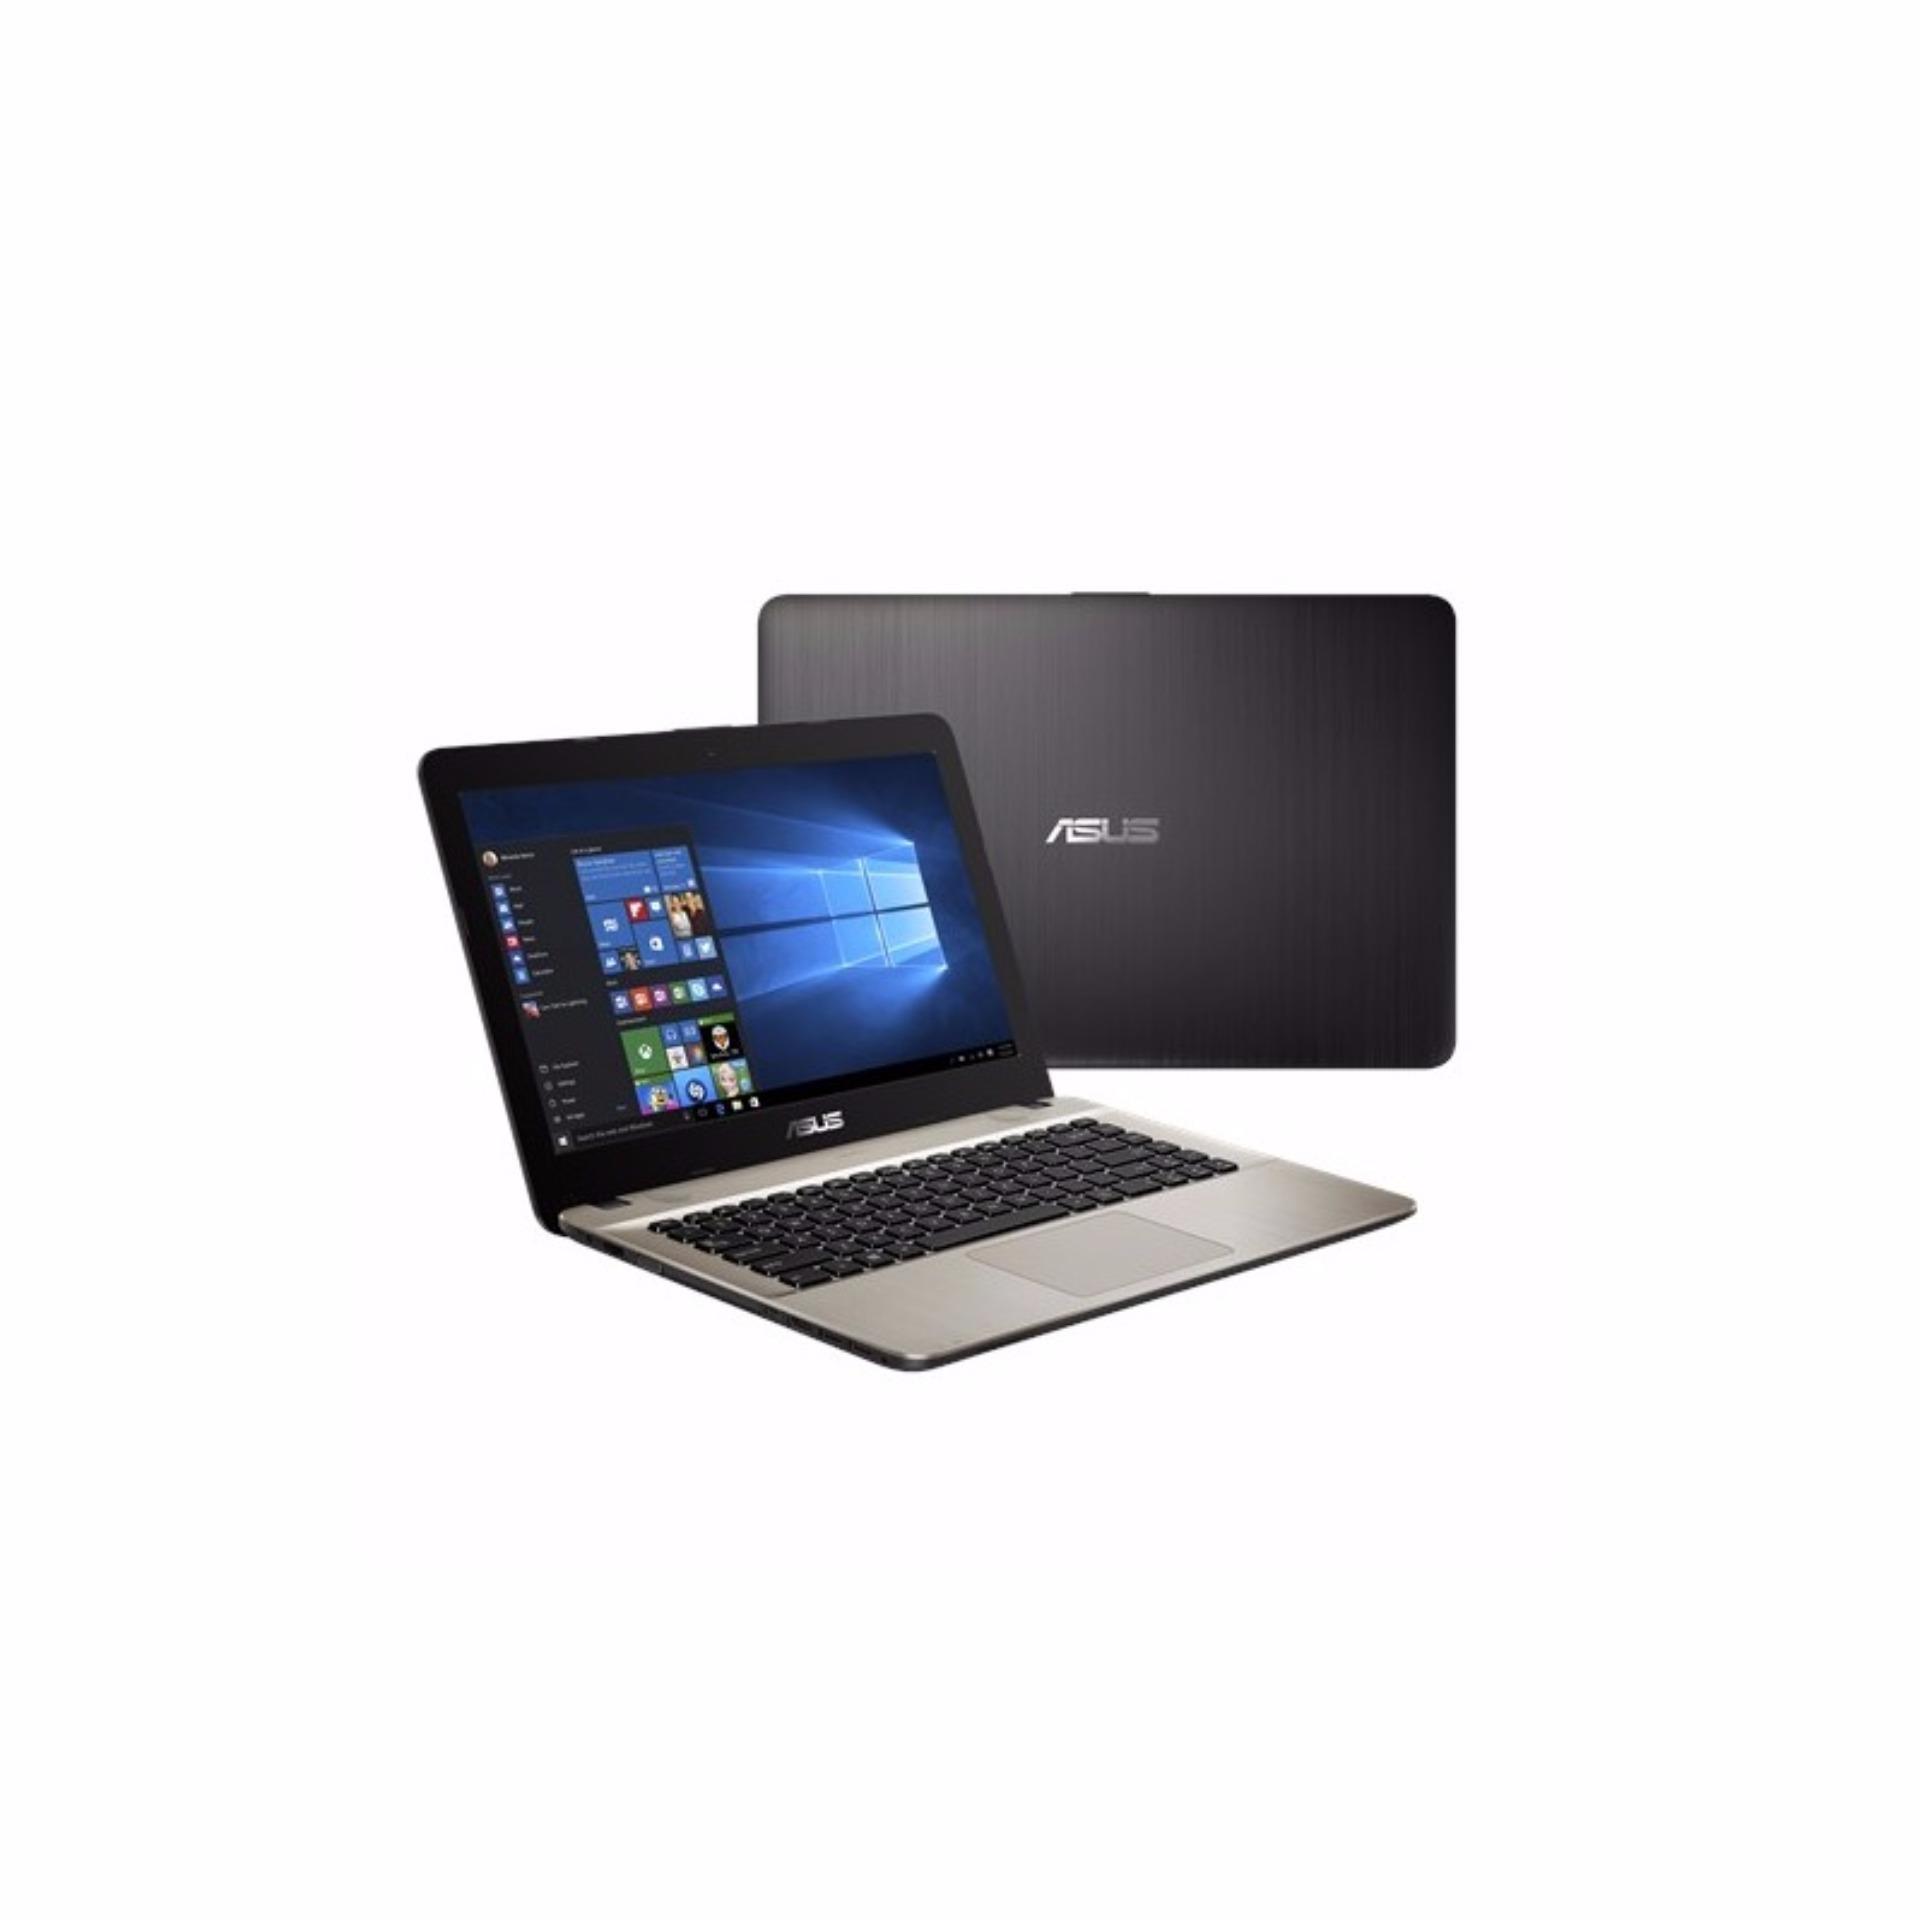 Bandingkan Toko Asus X441na N3350 2gb 500gb Dos 14hd Diskon Lenovo Ideapad 305 Win10 I3 5005 M330 14 Silver Hot Deal